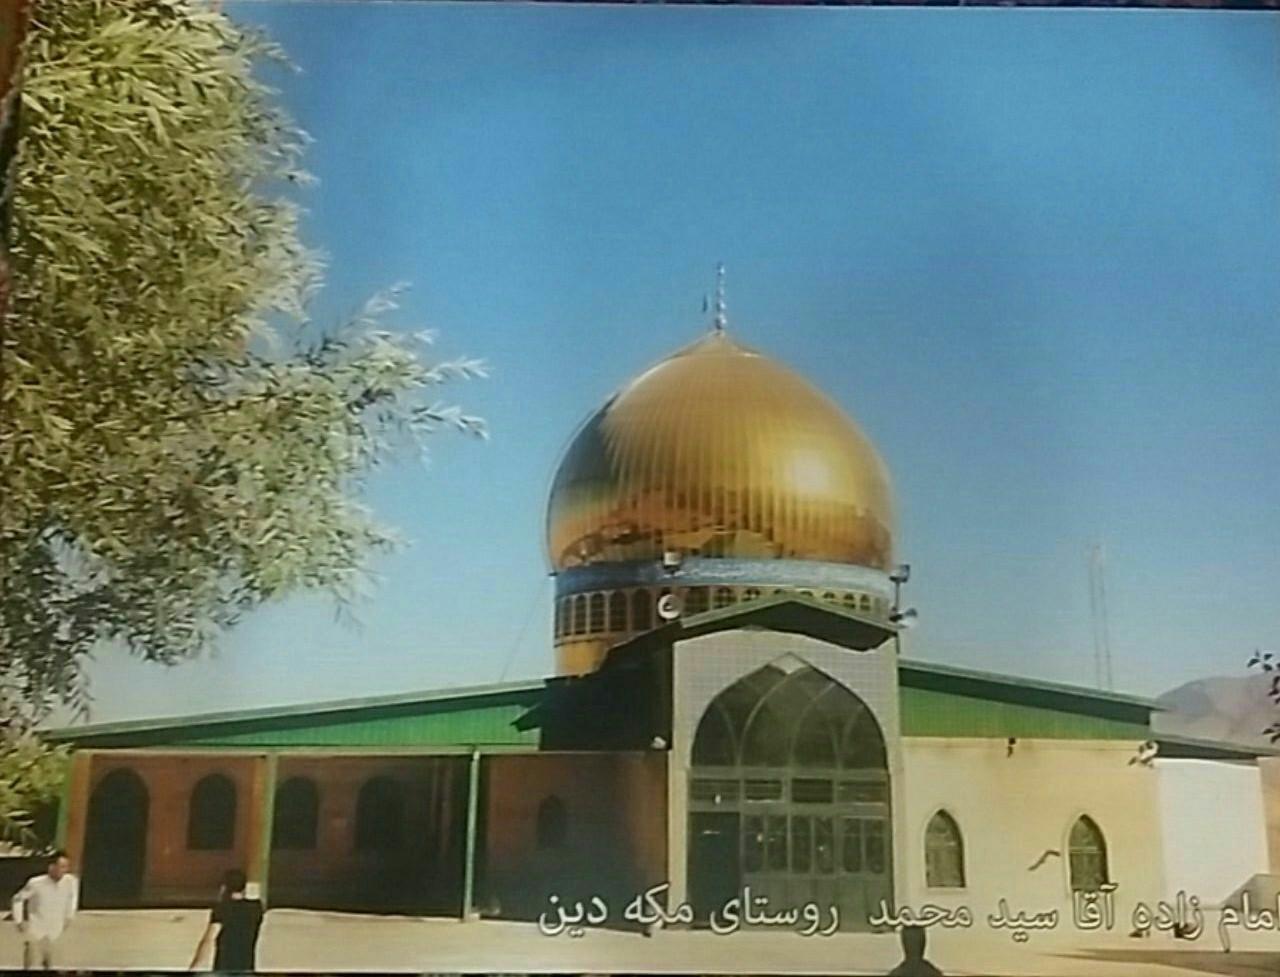 امامزاده سید محمد(ع) از جاذبه های گردشگری مذهبی فریدونشهر